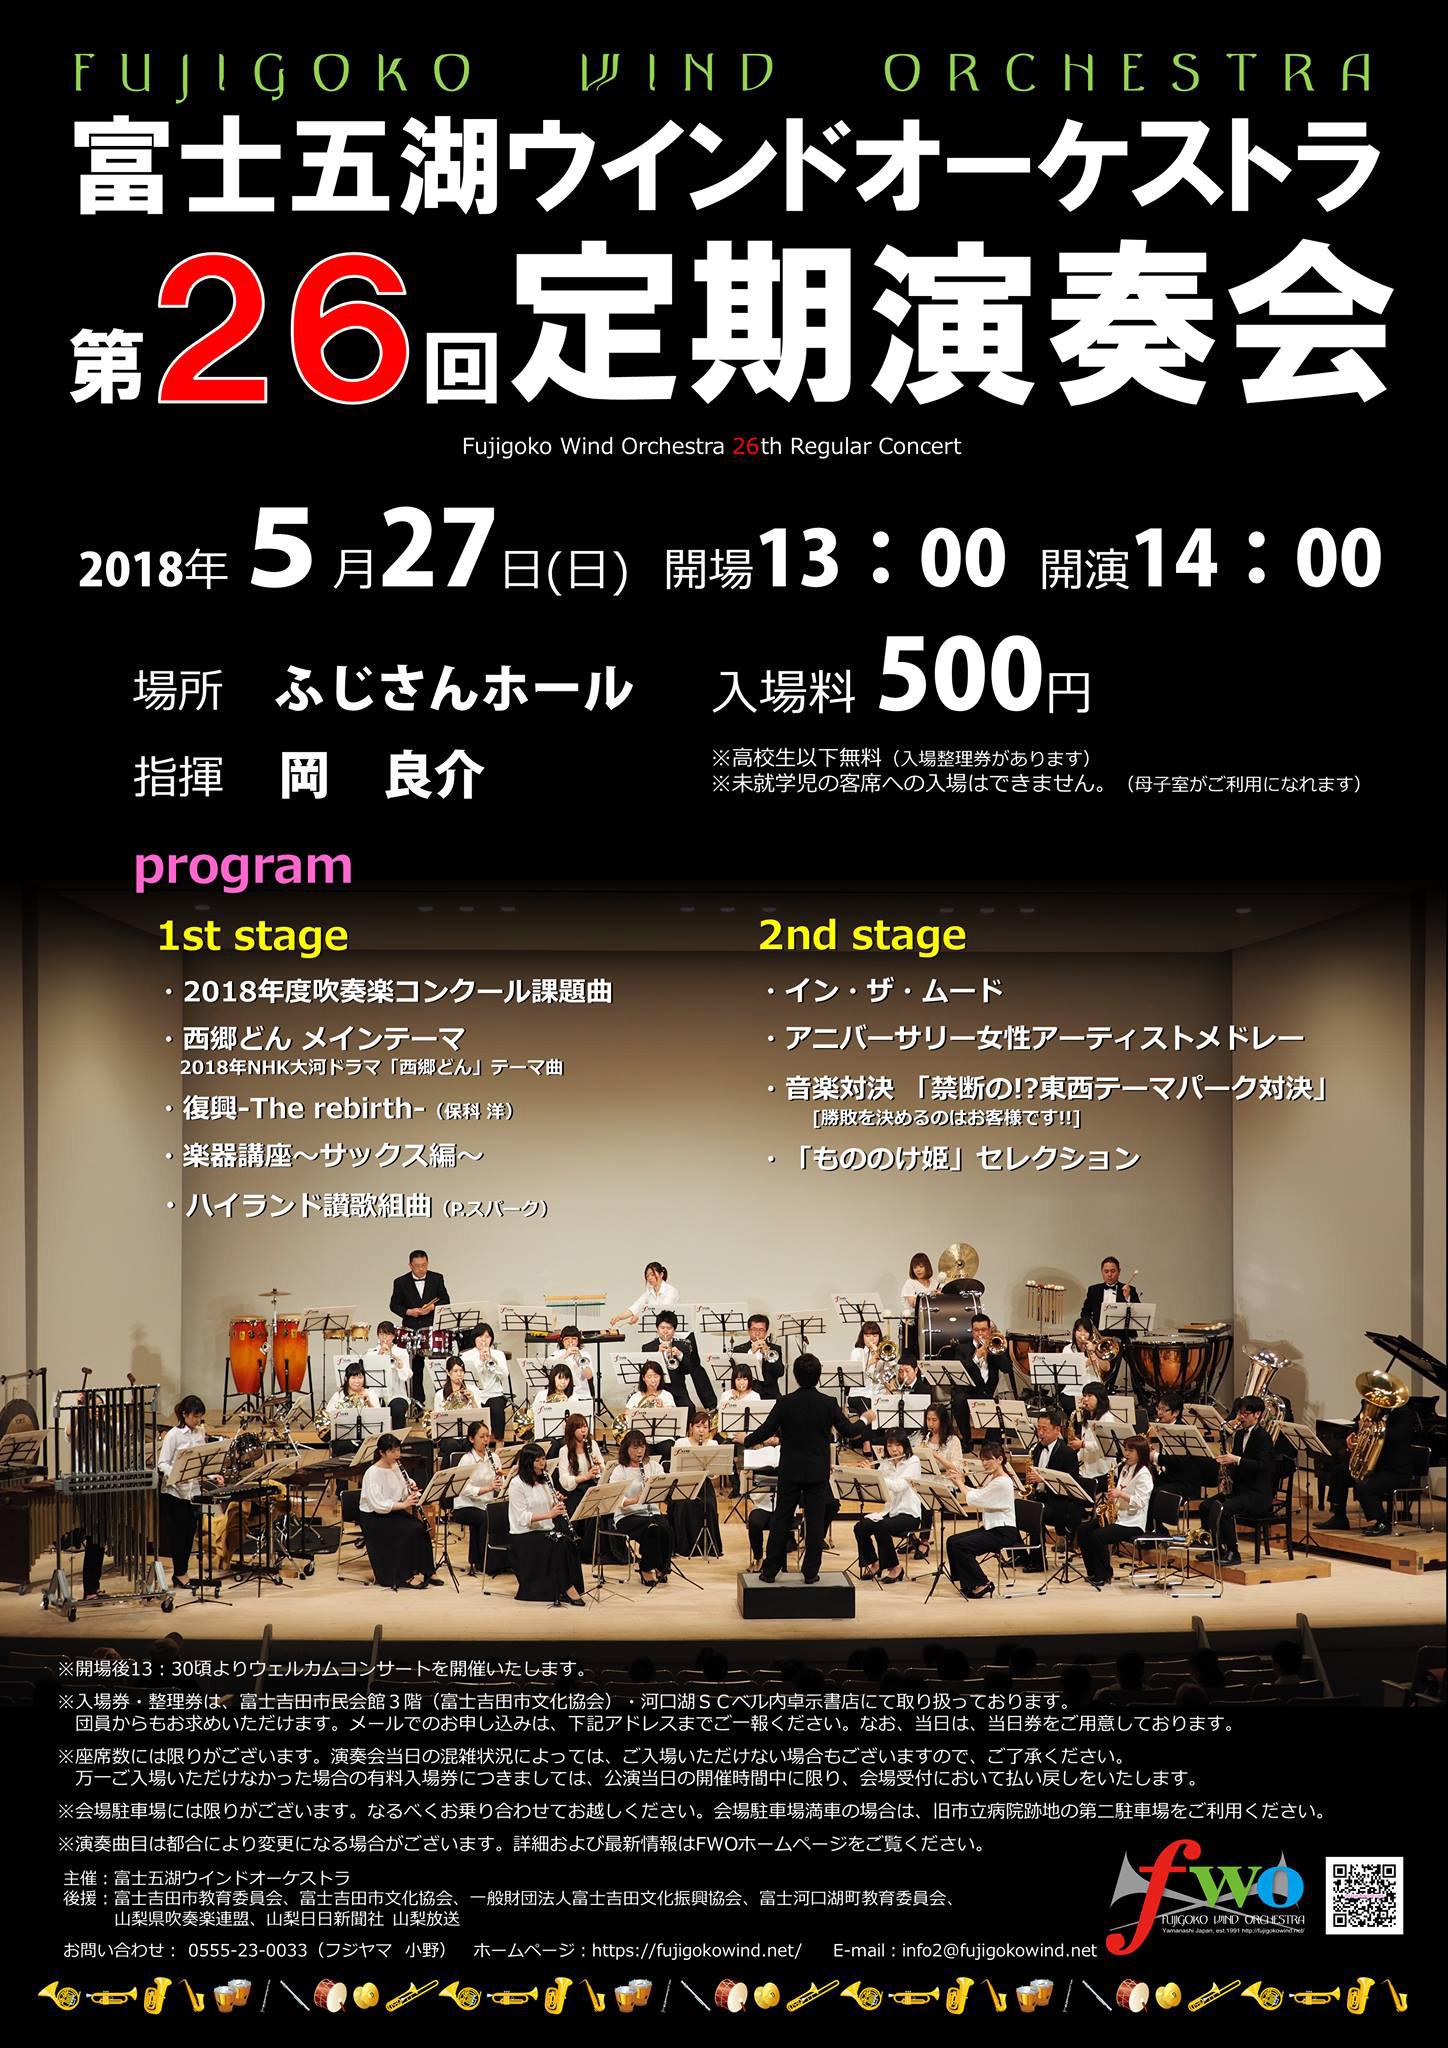 富士五湖ウインドオーケストラ 第26回定期演奏会